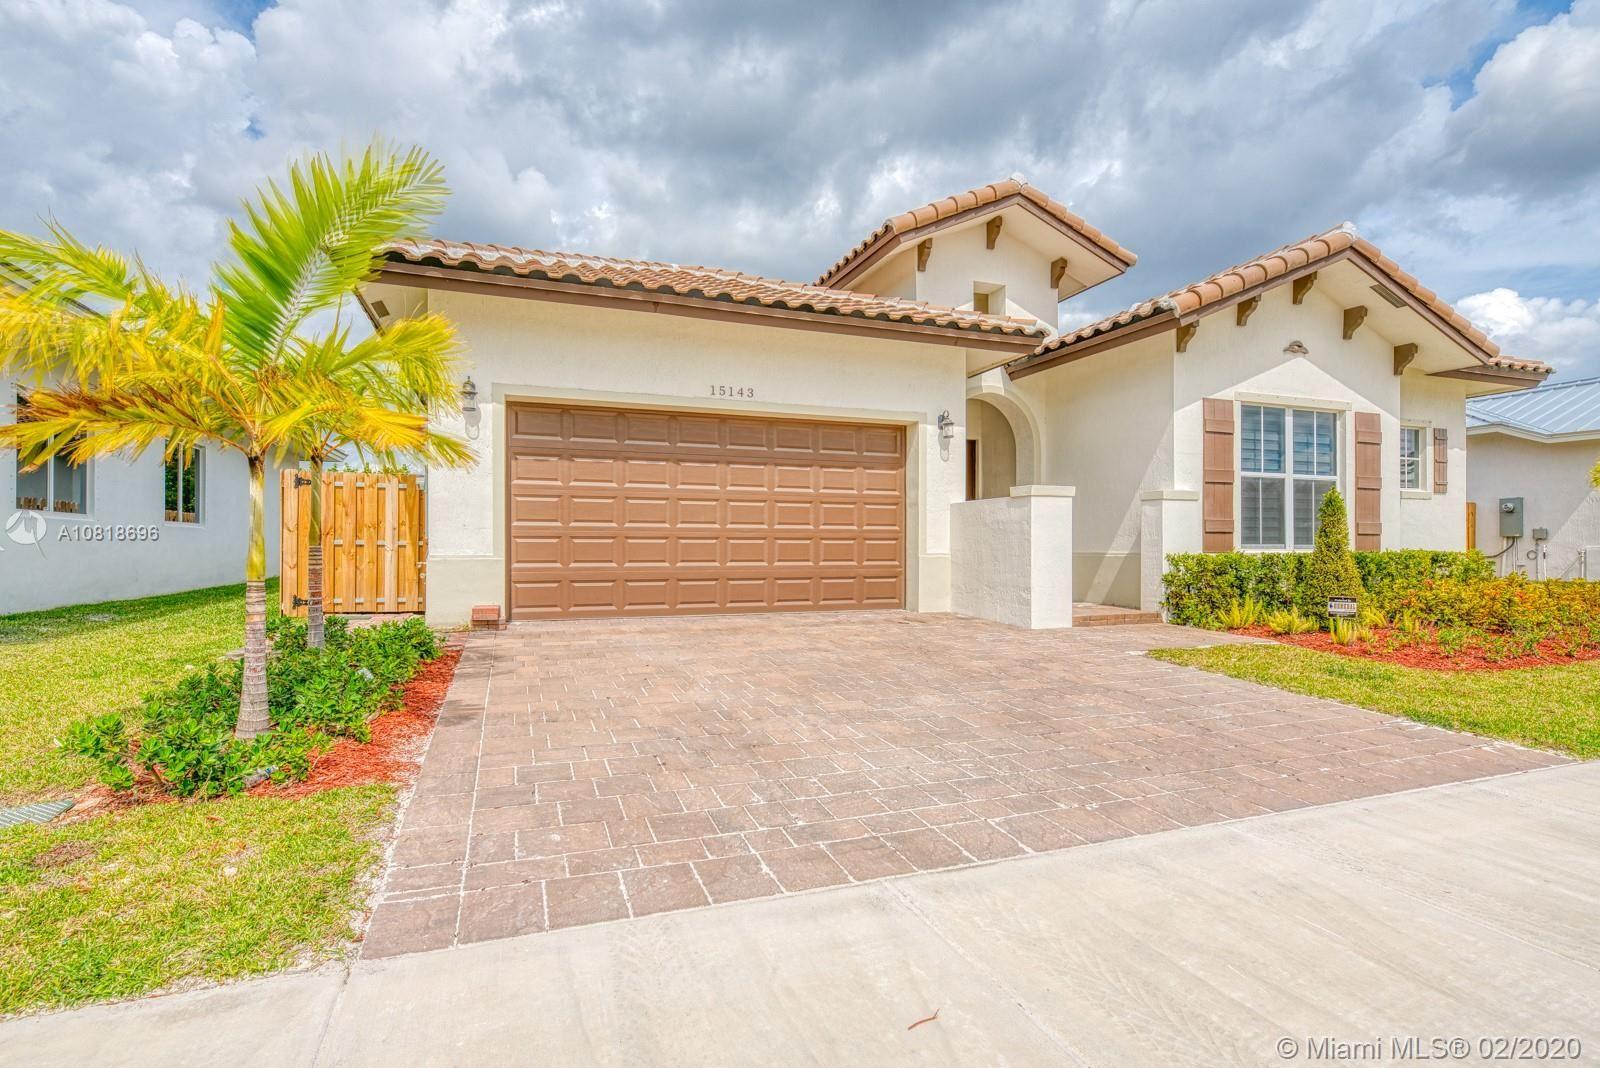 15143 SW 175th St, Miami, FL 33187 - #: A10818696